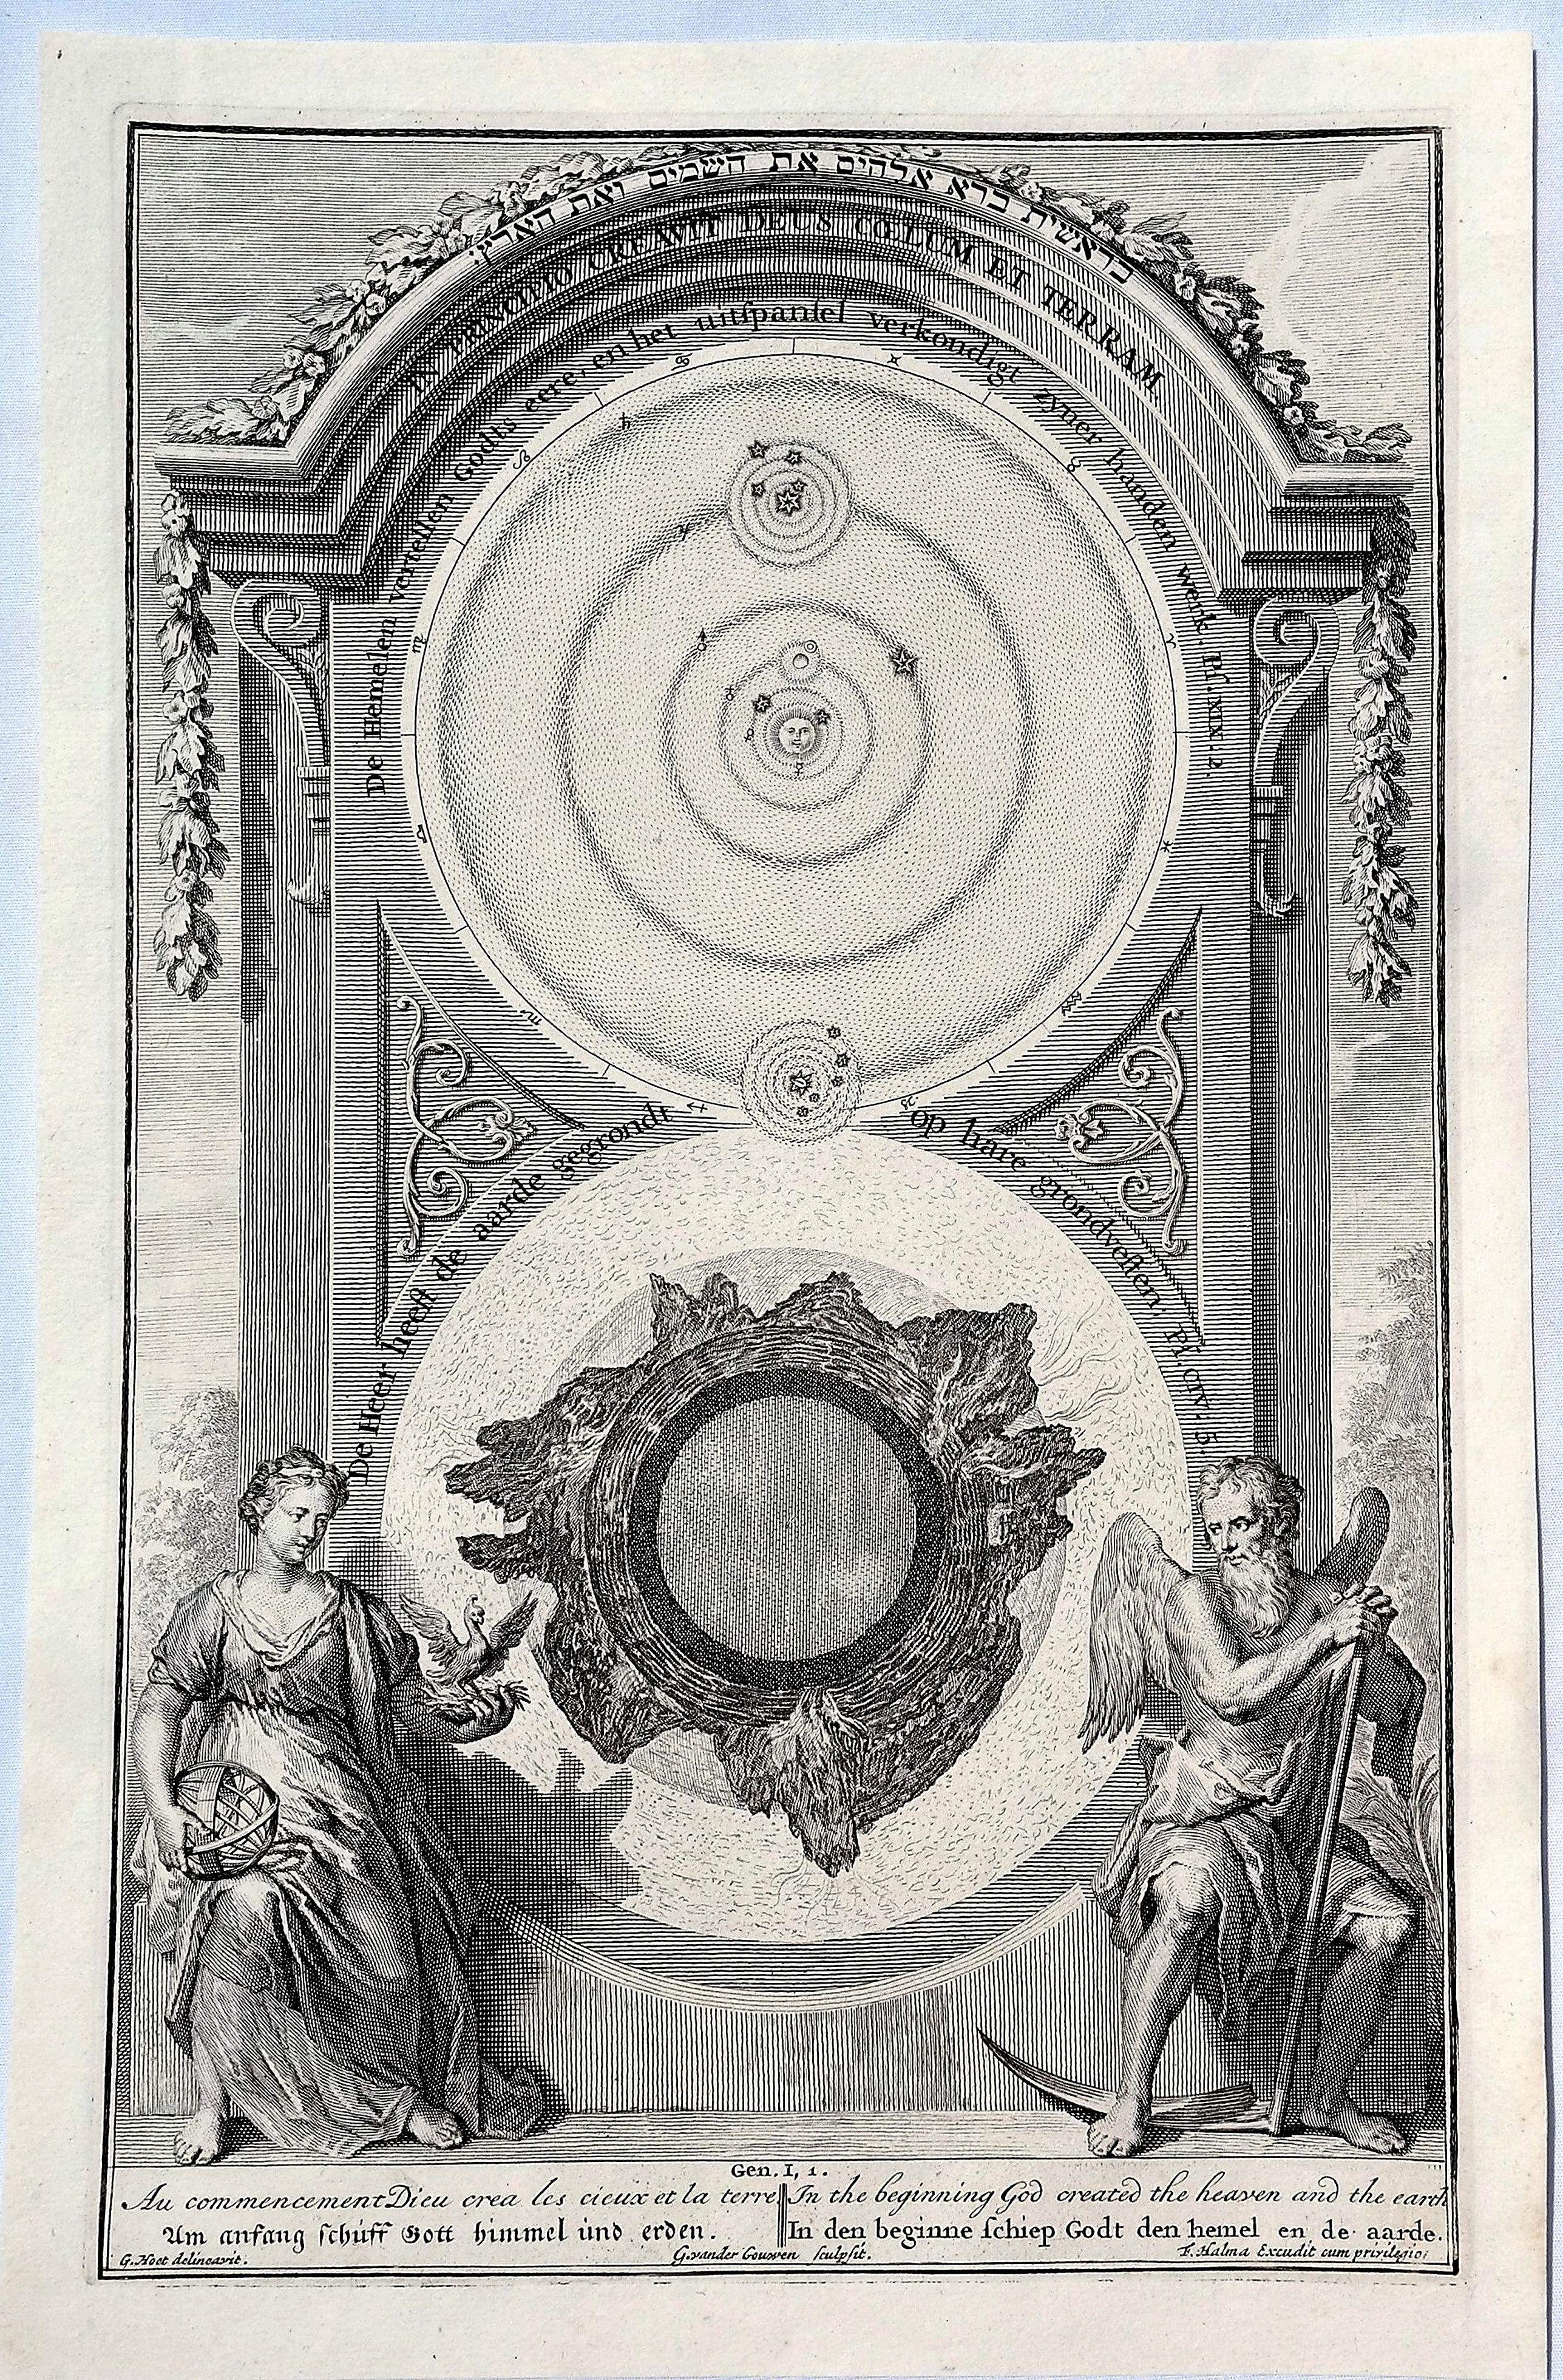 HOET, G. - In Principio Creavit Deus Colum et Terram.